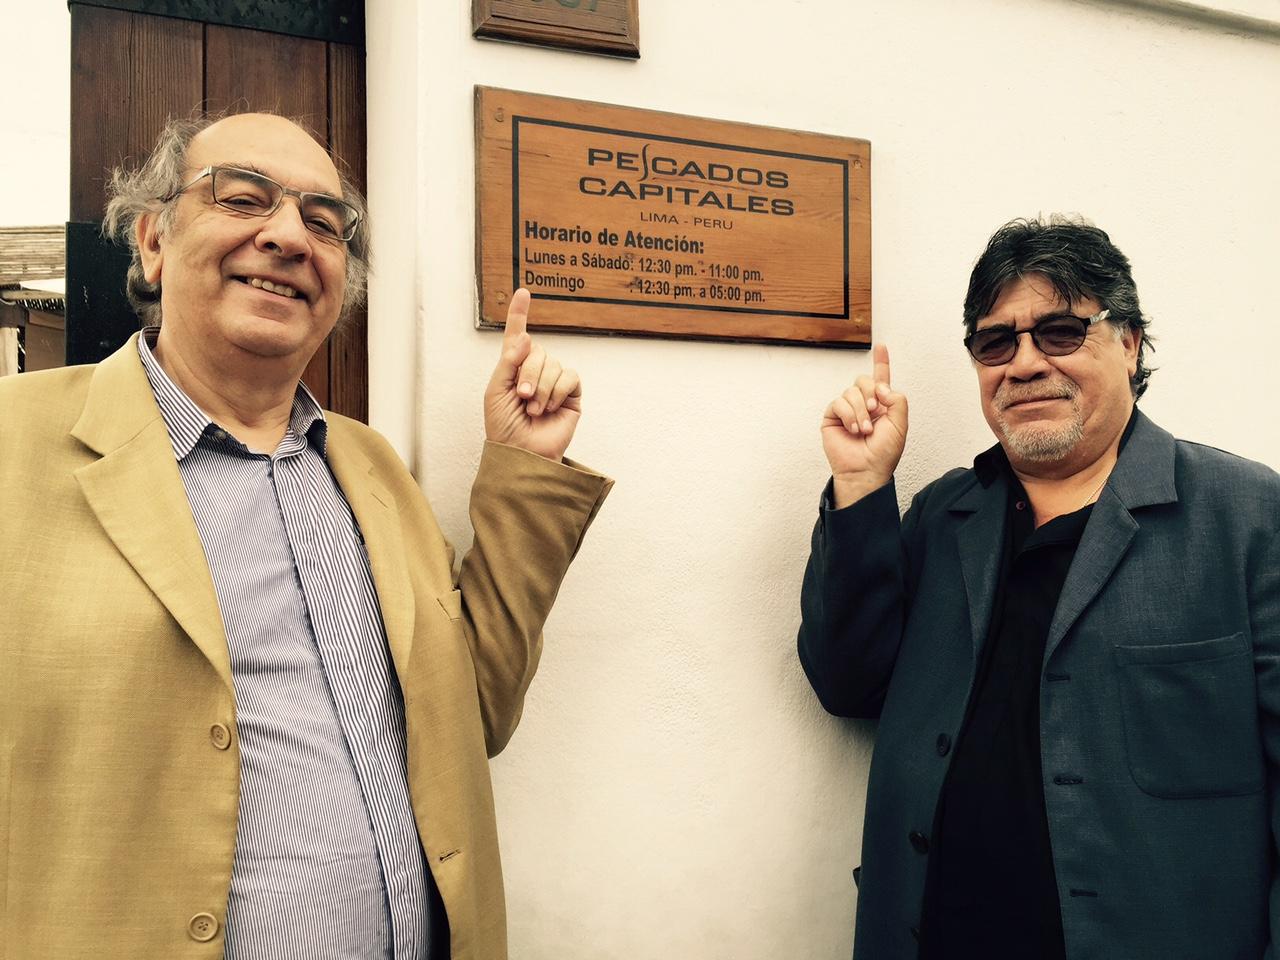 Victor Hugo de la Fuente & Luis Sepulveda